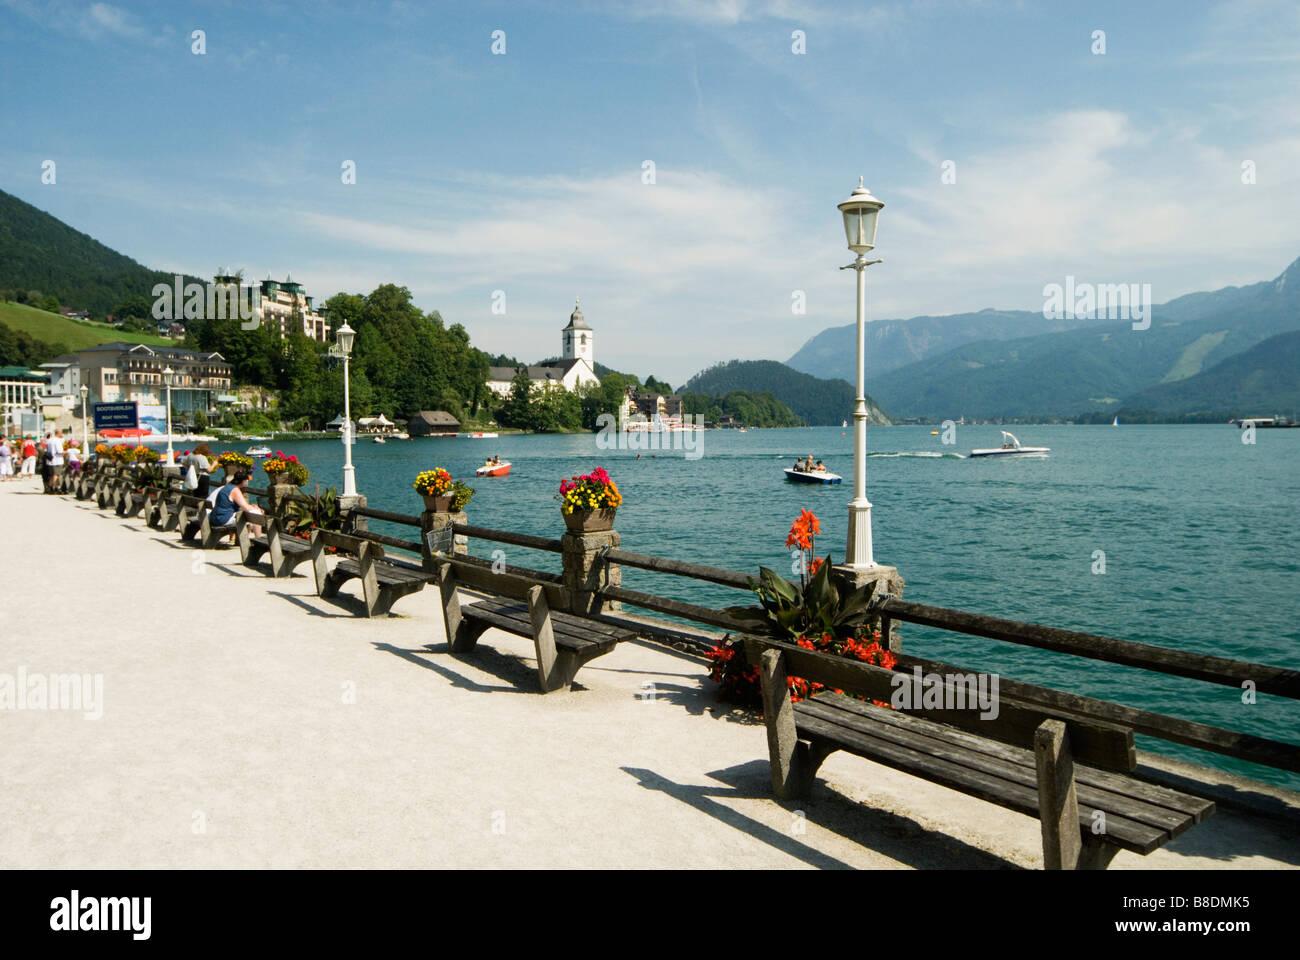 Lake wolfgangsee austria - Stock Image